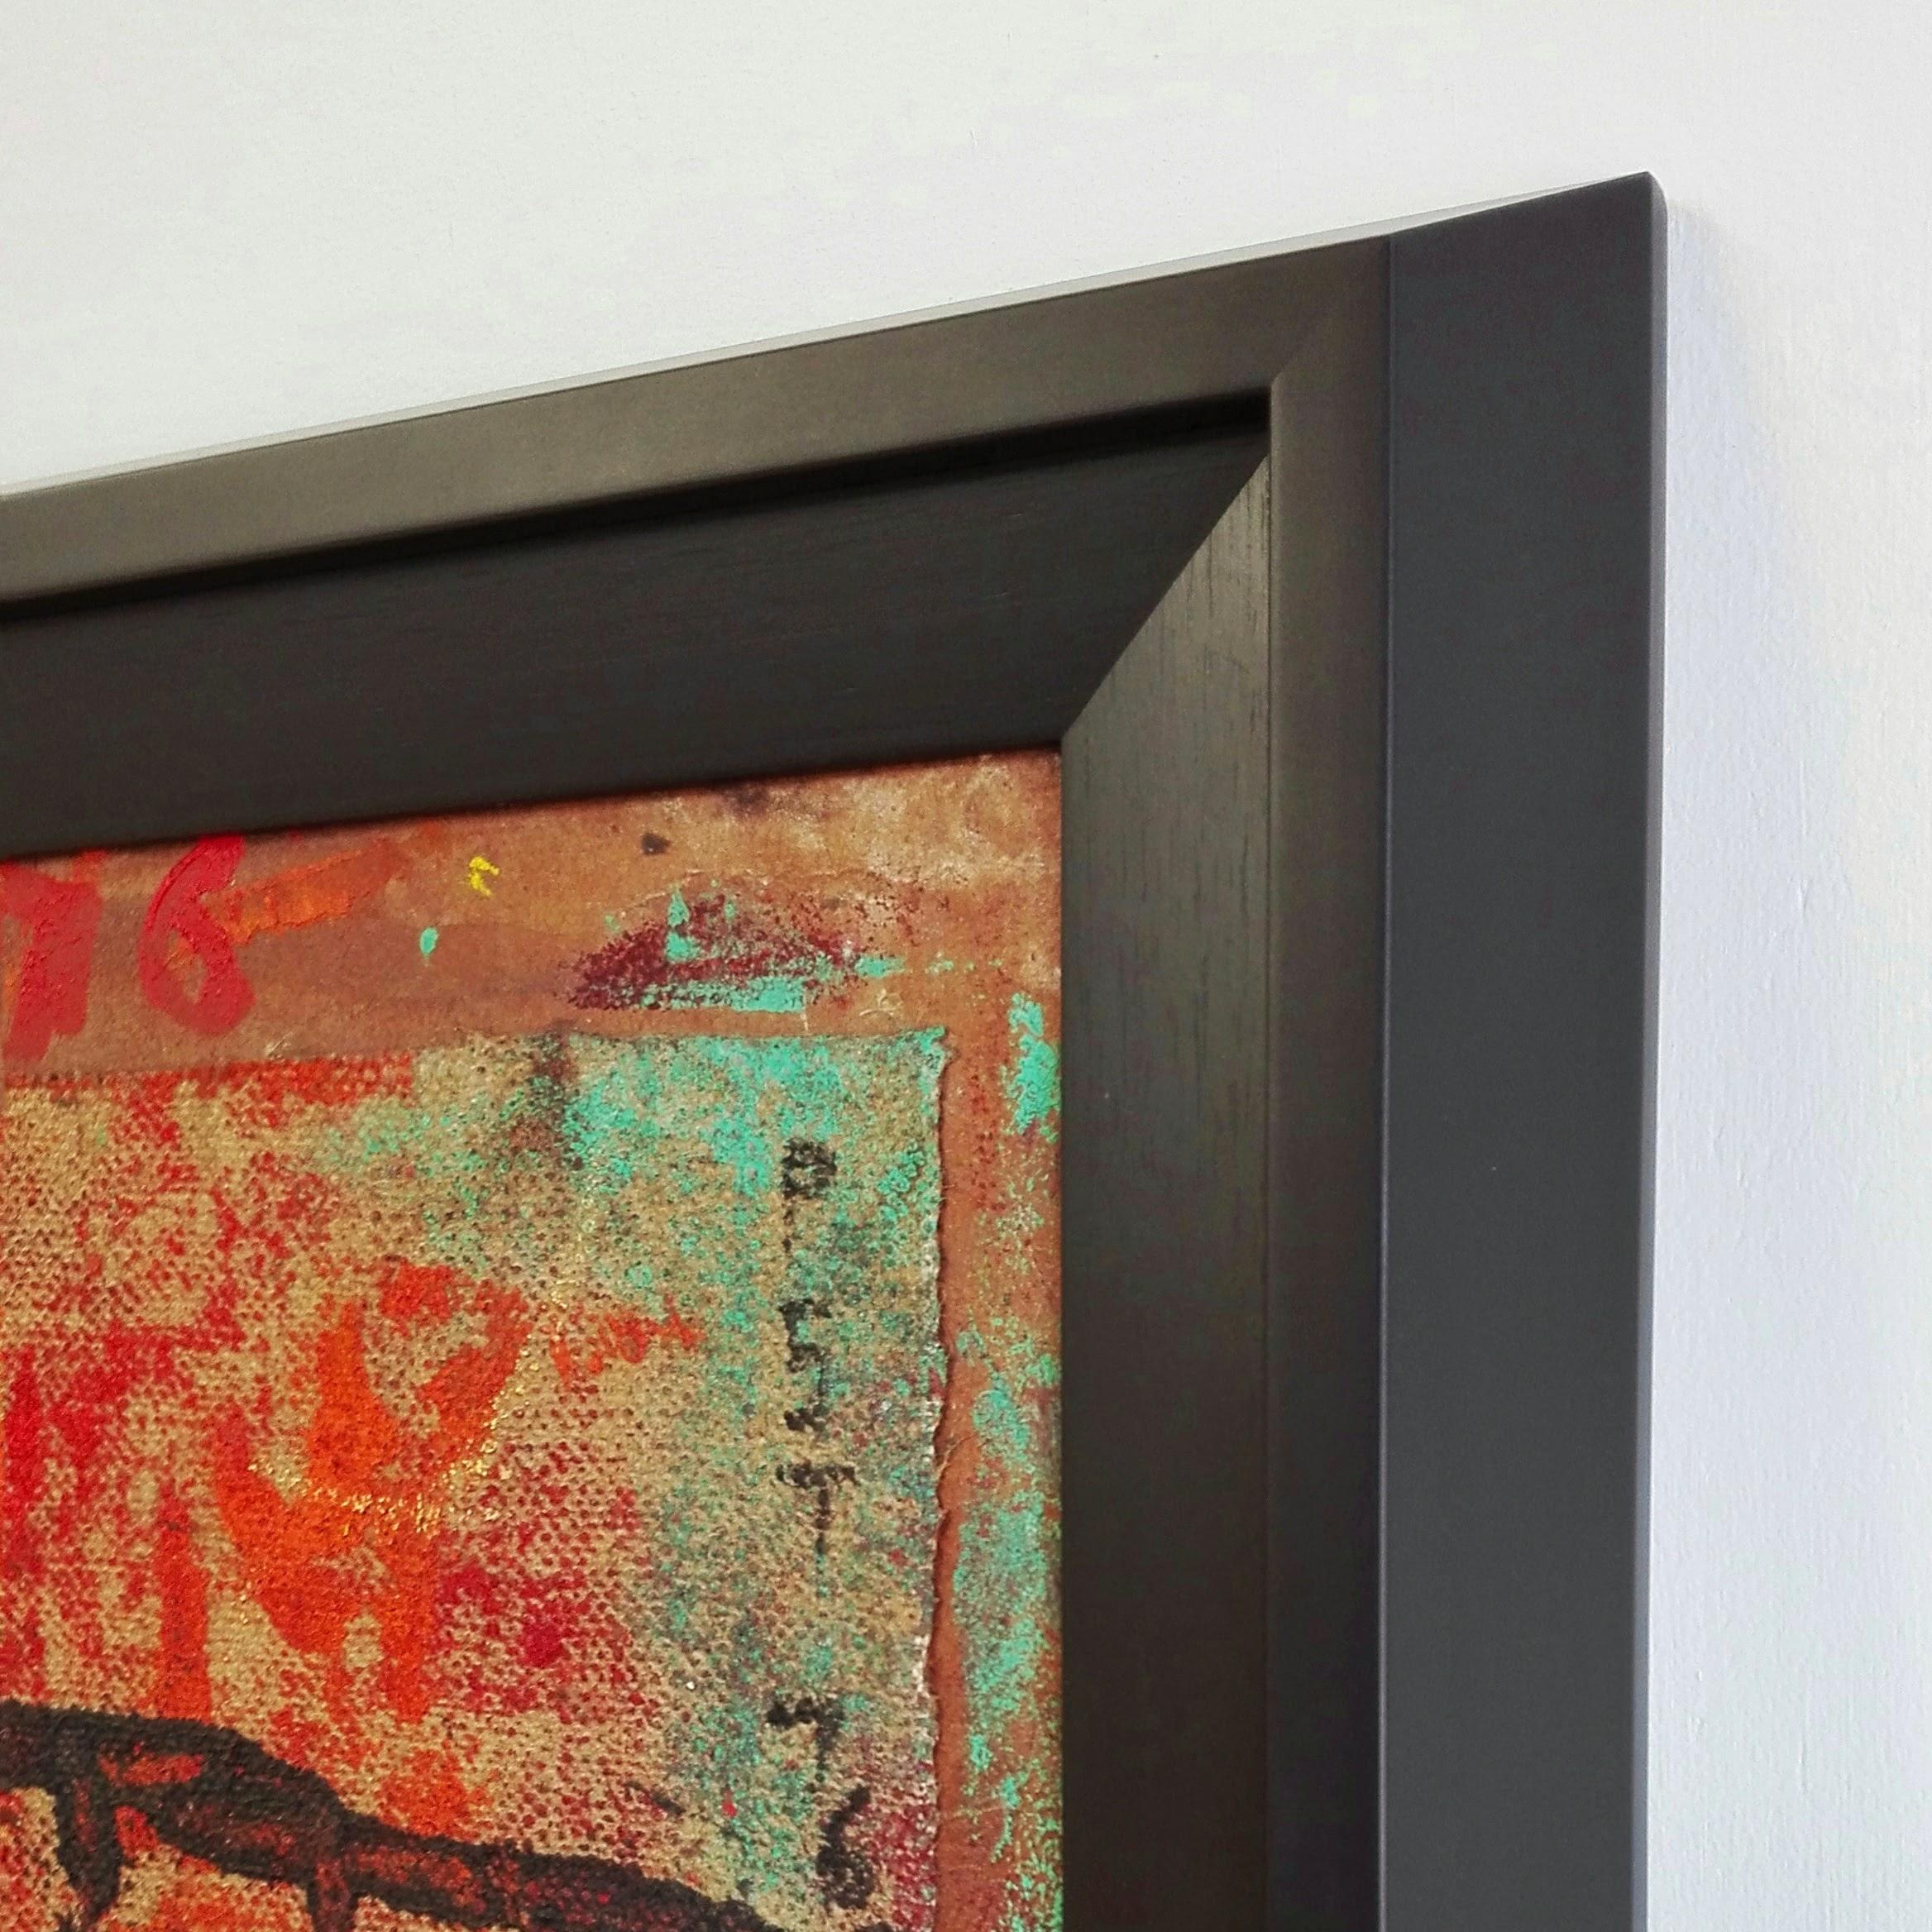 Corner detail - Philip Trusttum reframe